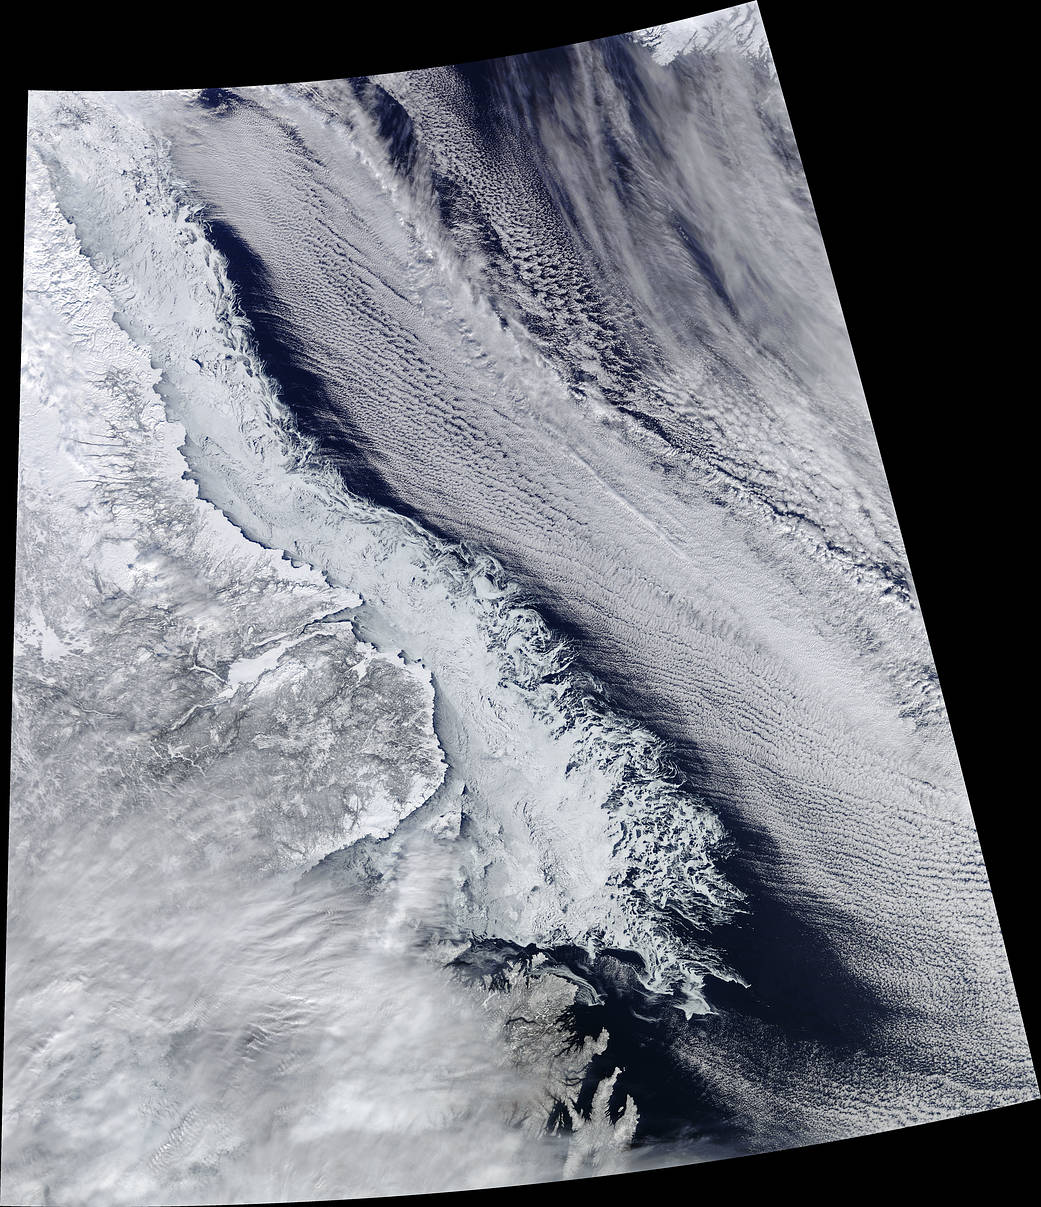 Canada's Newfoundland and Labrador province